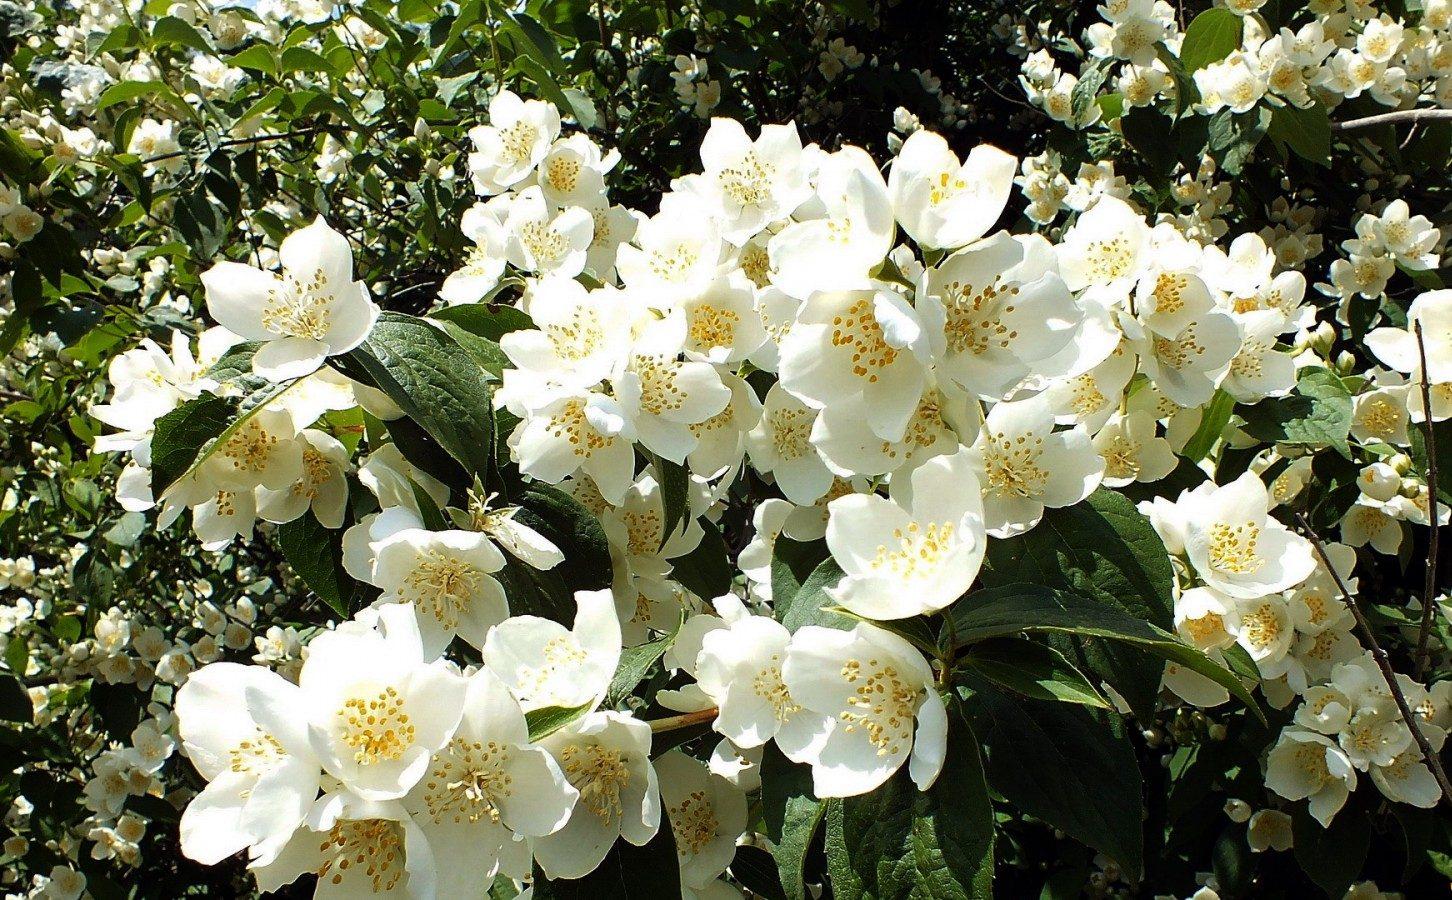 Цветки жасмина купить москва, юбилеем фото букеты